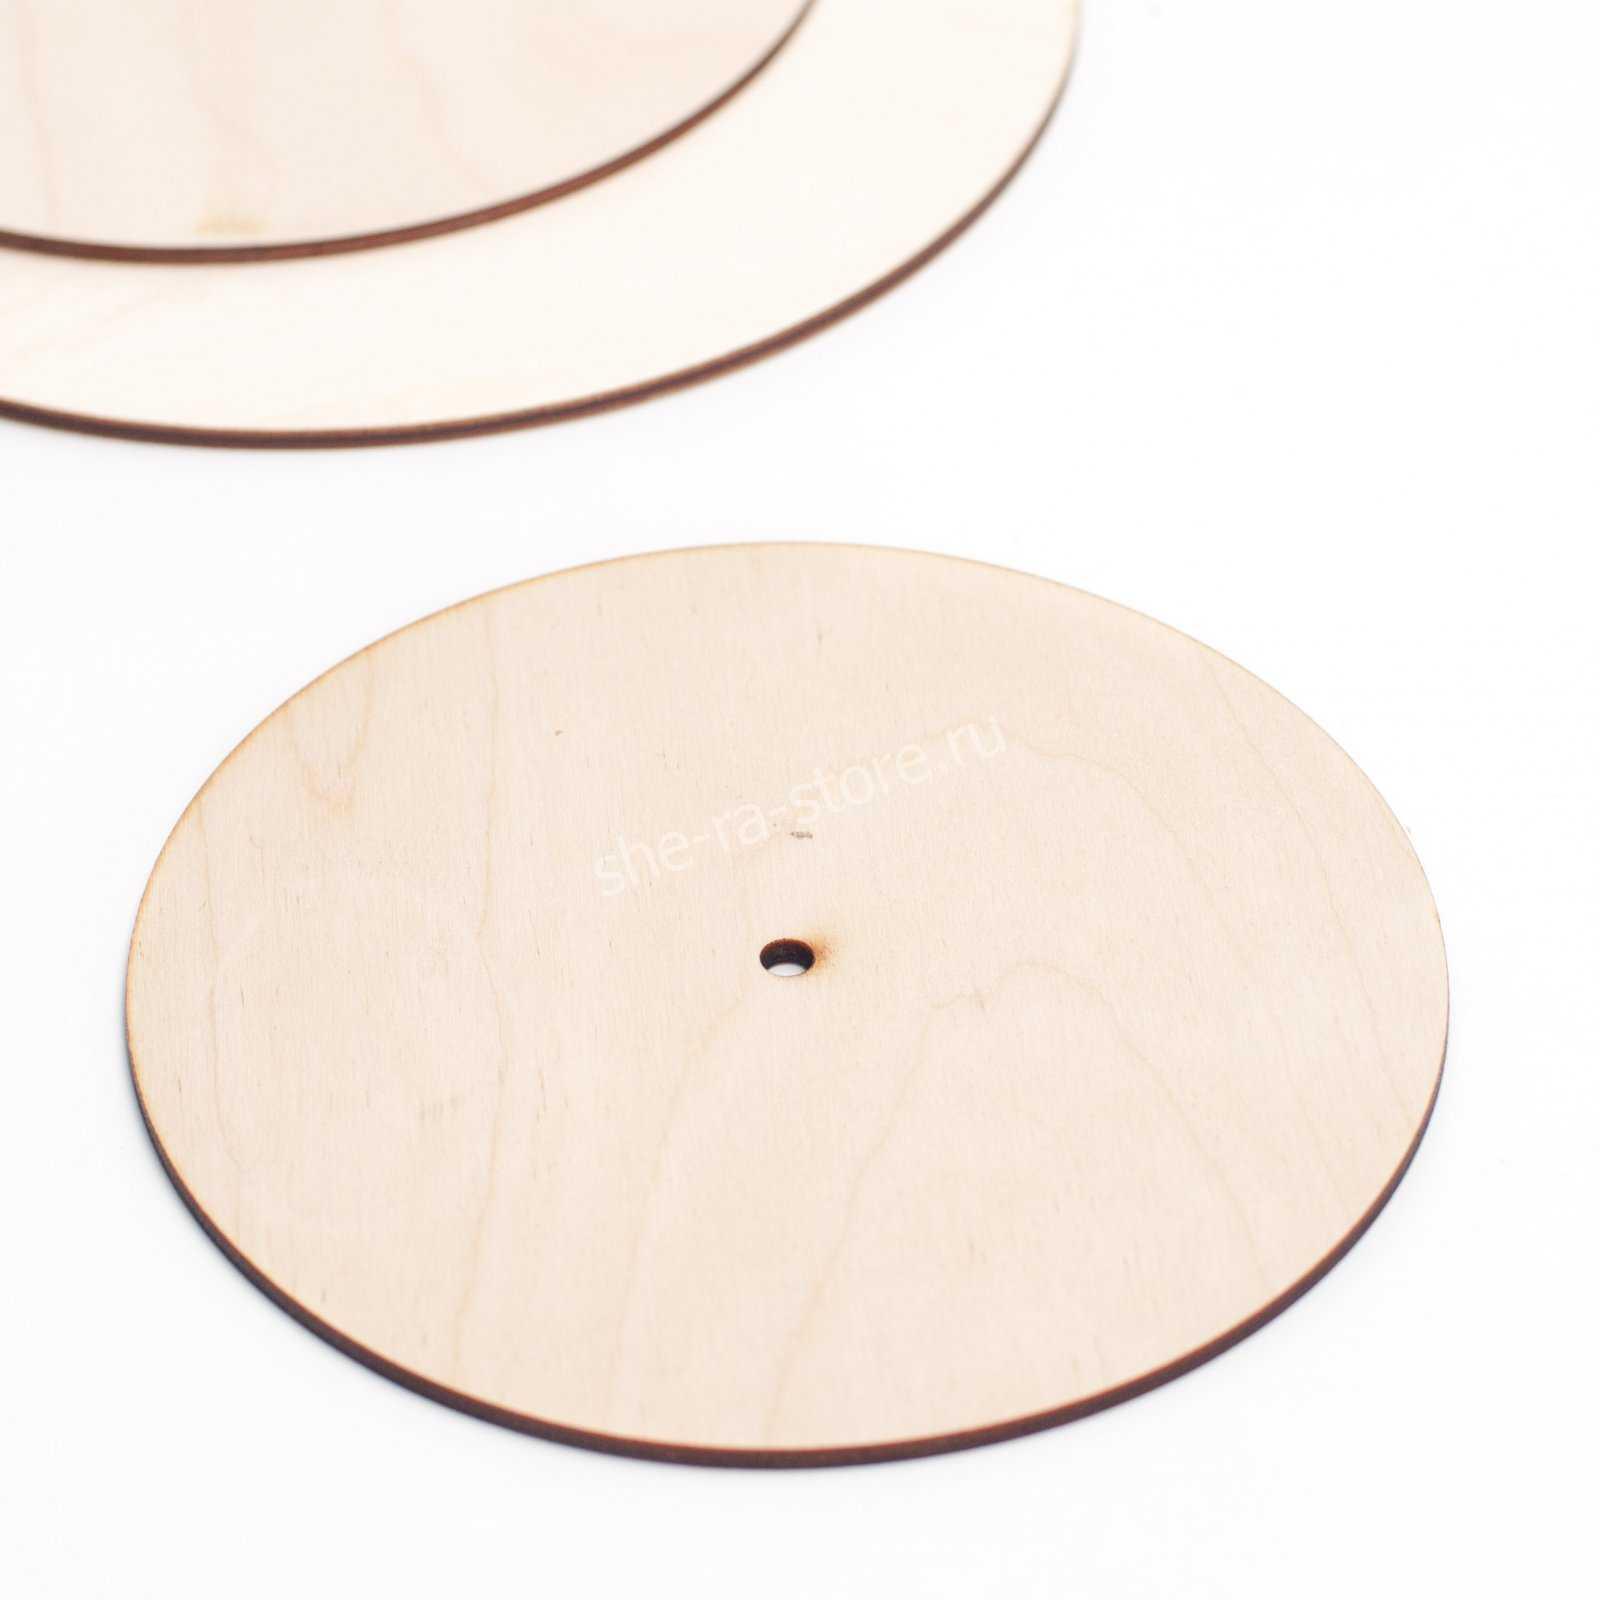 Подложка усиленная с отверстием для оси, диаметр 14см.